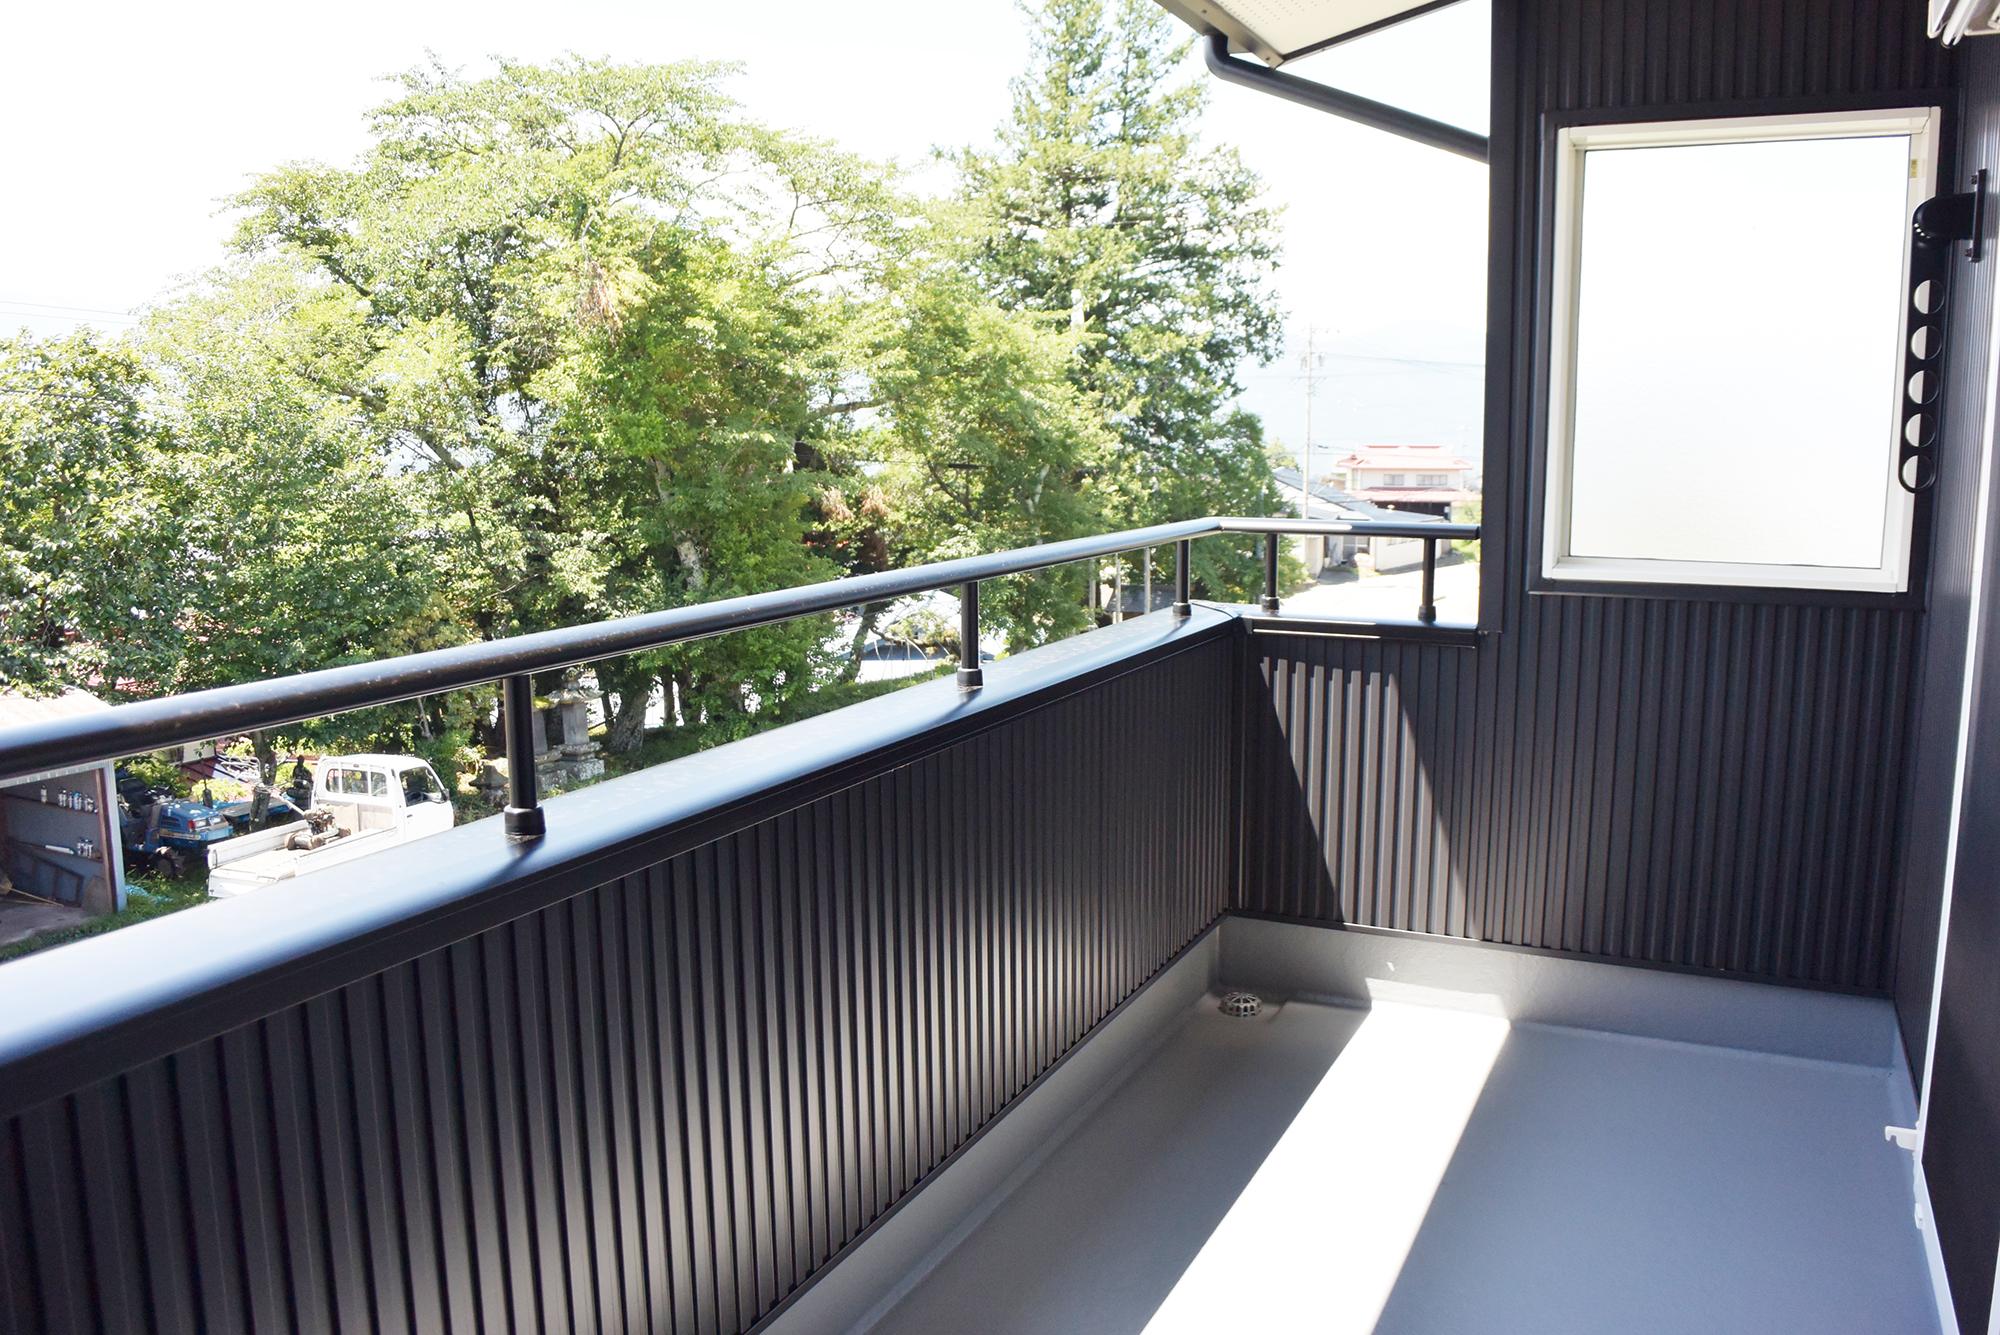 2Fバルコニーからは眺めの良い景色が一望できます。